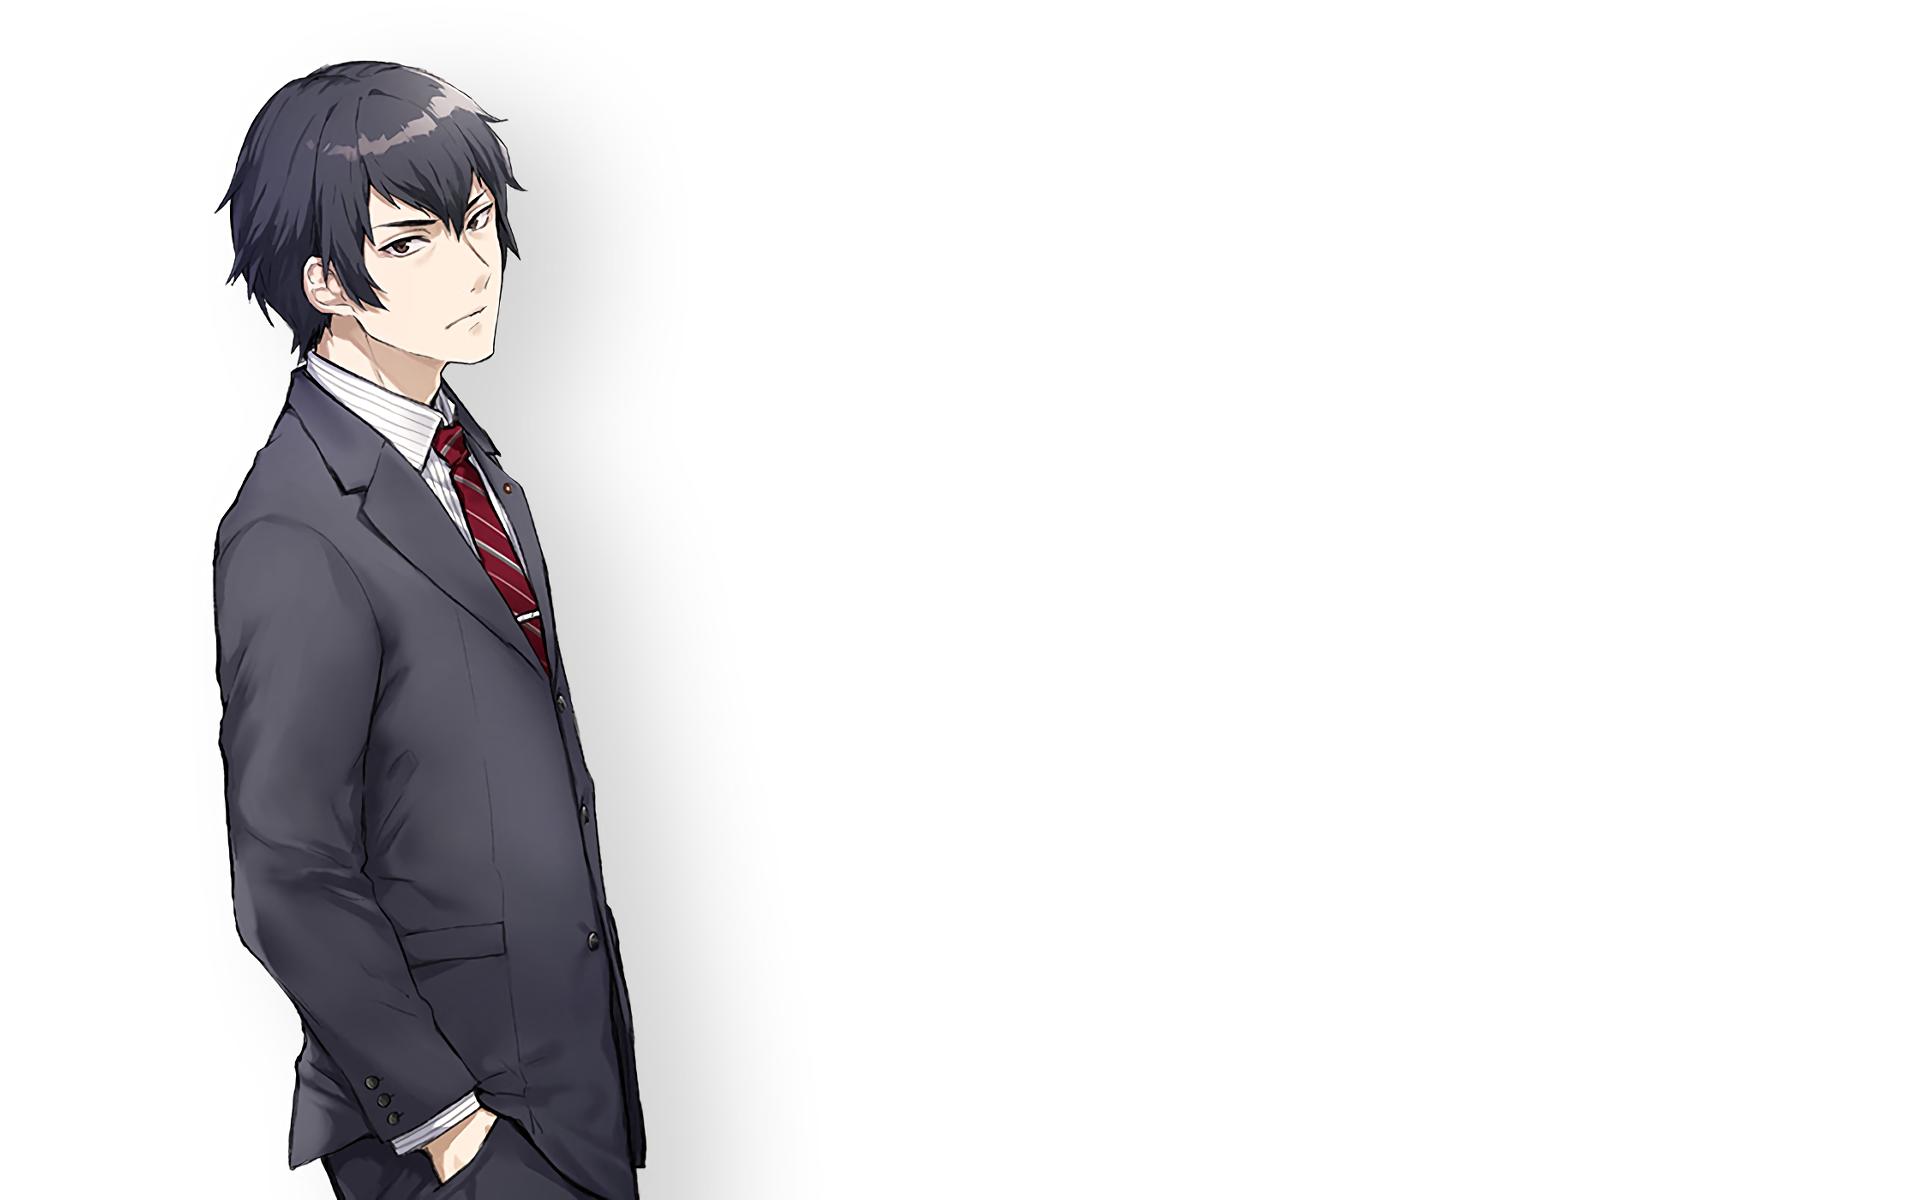 Anime Seikaisuru Kado 1920x1200